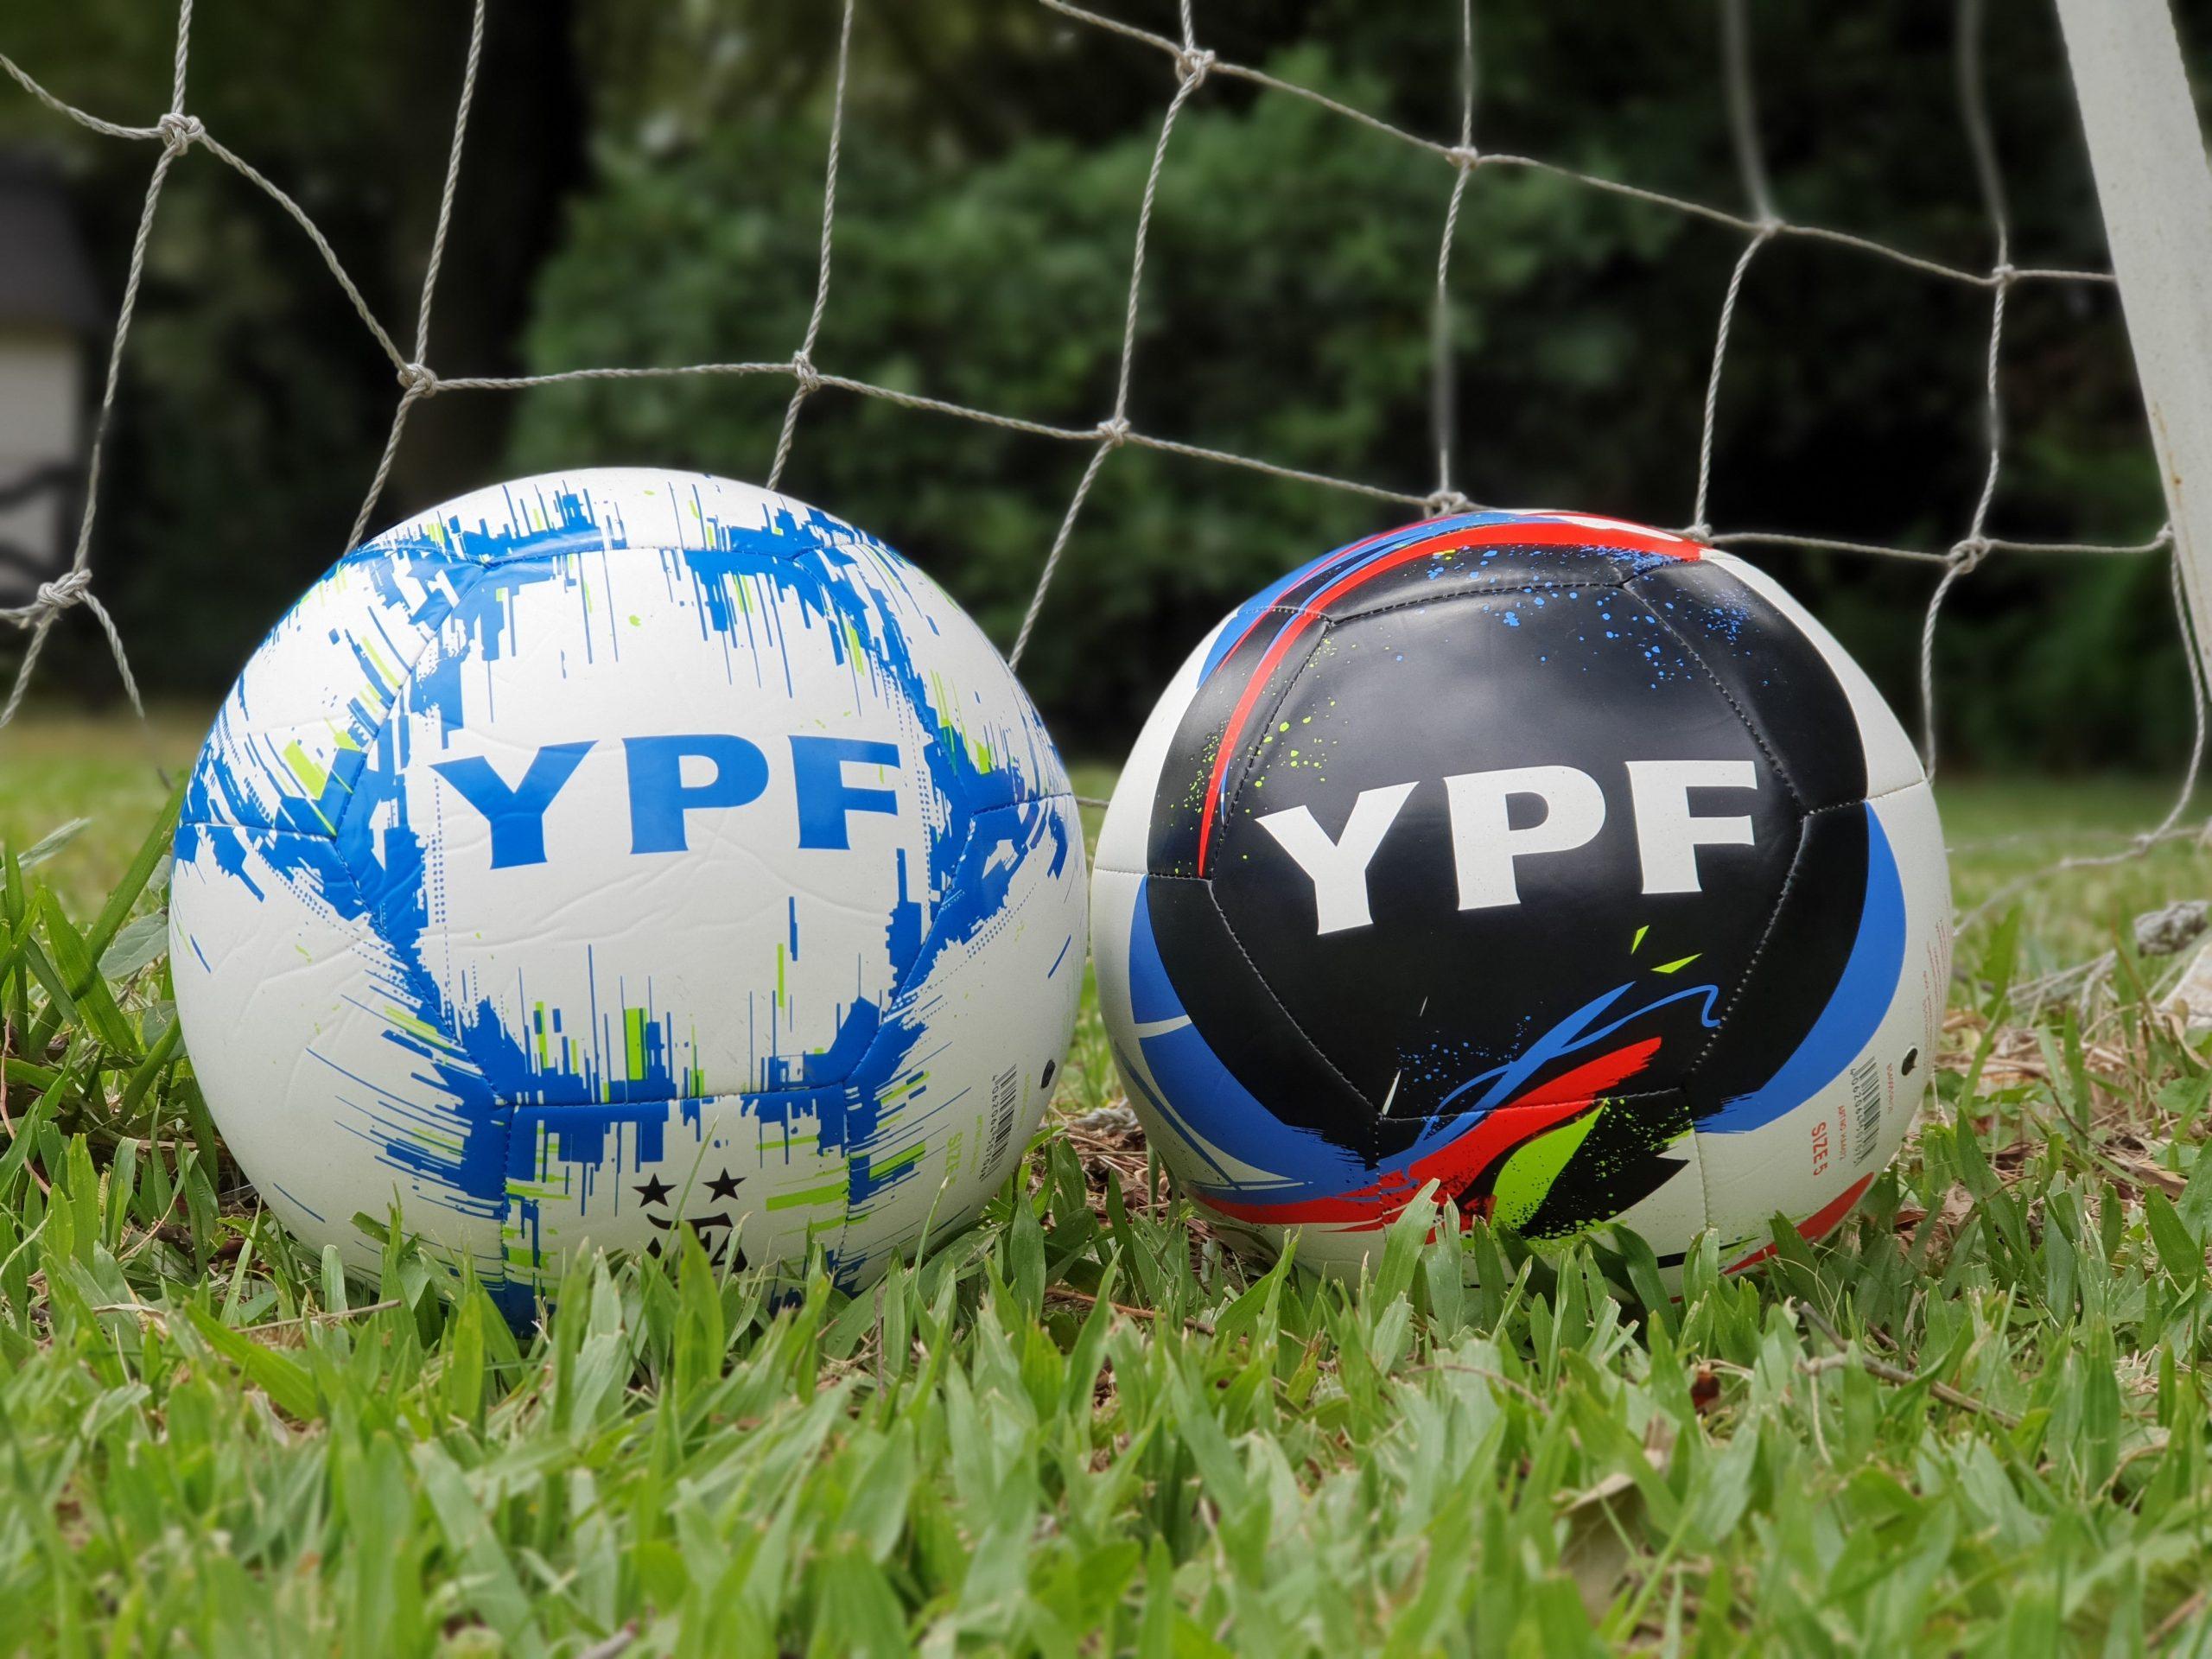 ¡La mejor pelota YPF de todos los tiempos!